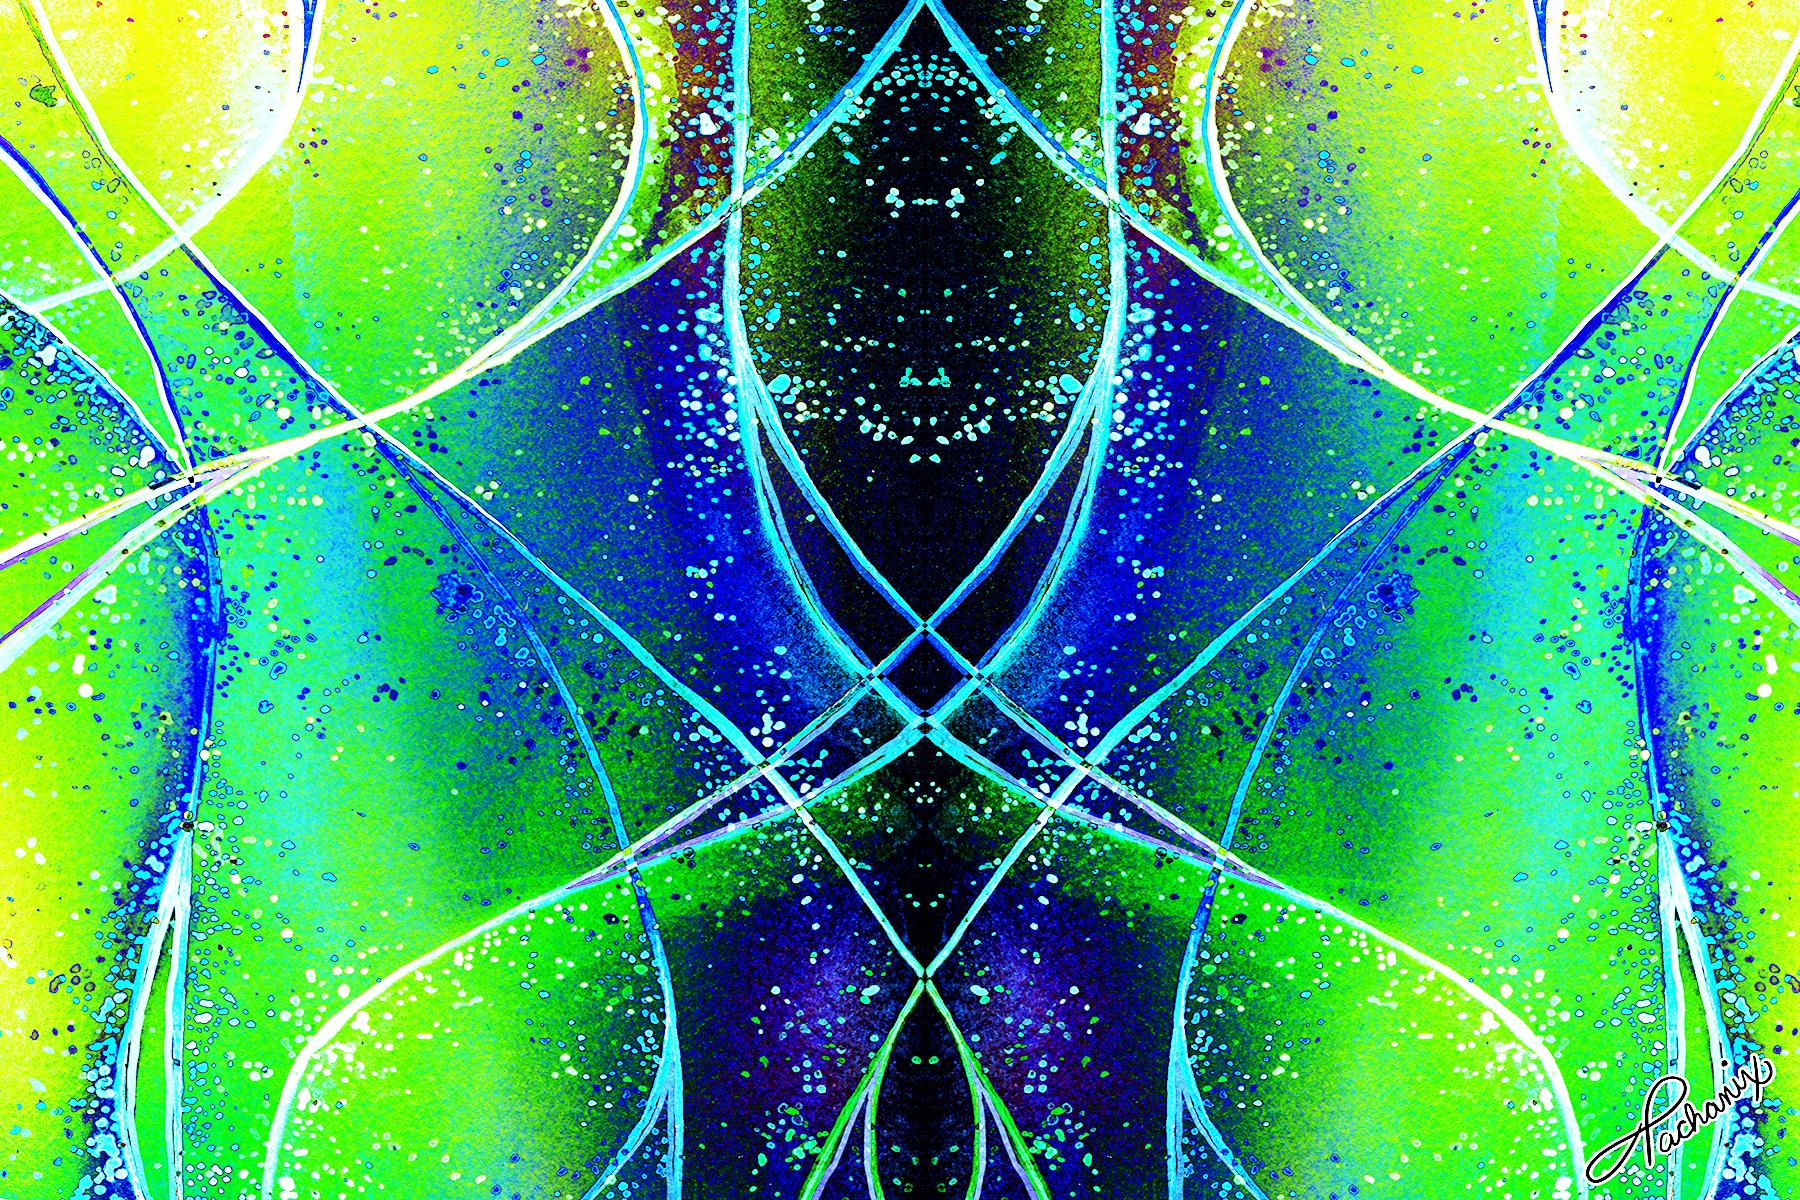 4x6_neon_PRINT_5.jpg